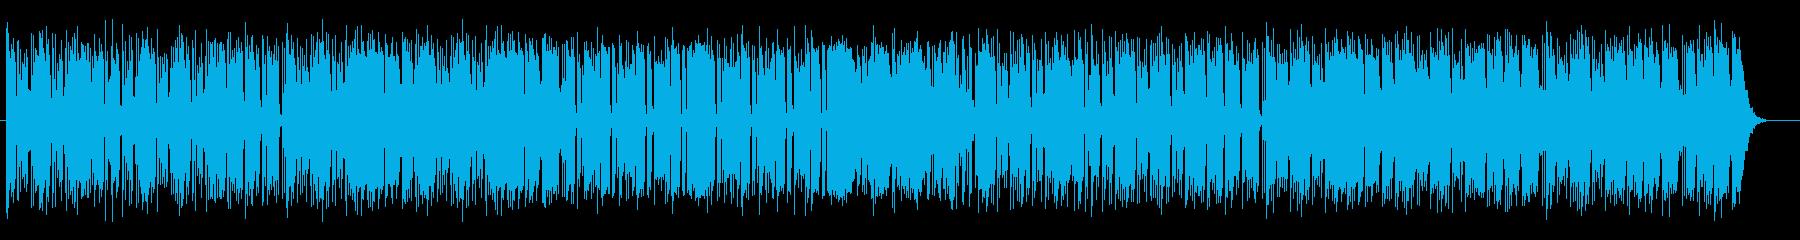 ピアノがおしゃれなシンセミュージックの再生済みの波形